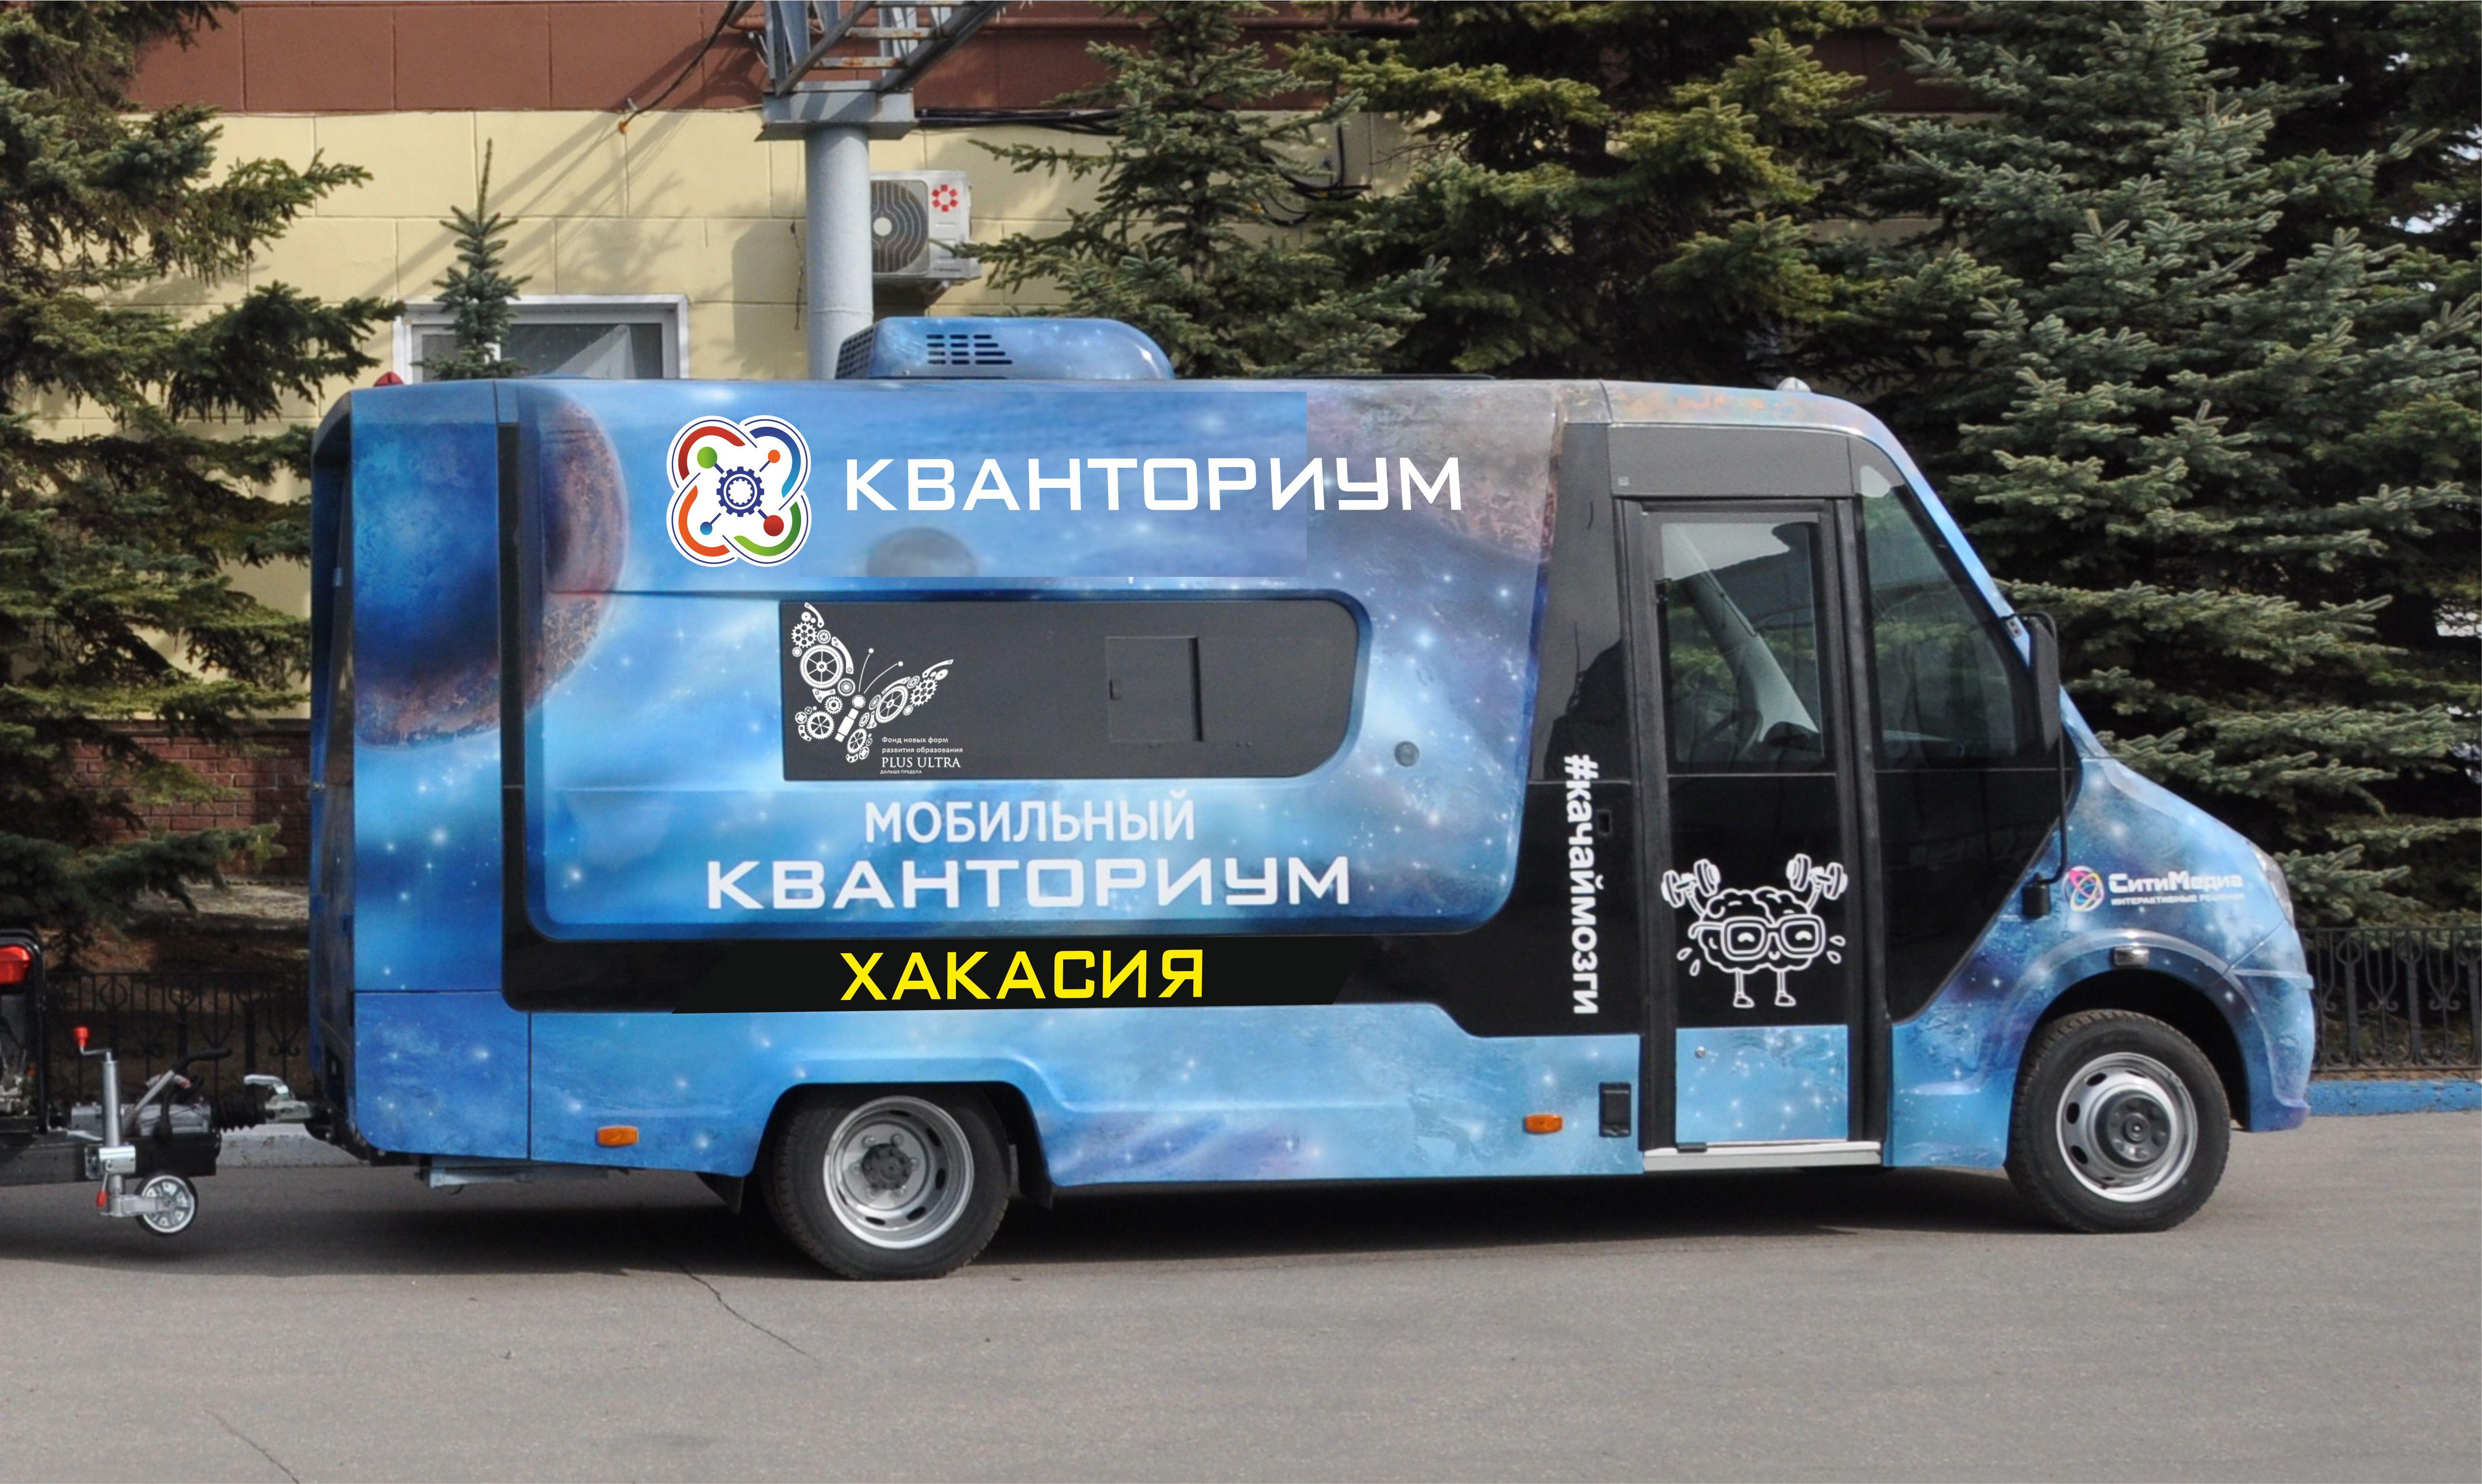 С 1 сентября в Хакасии заработает мобильный технопарк «Кванториум»